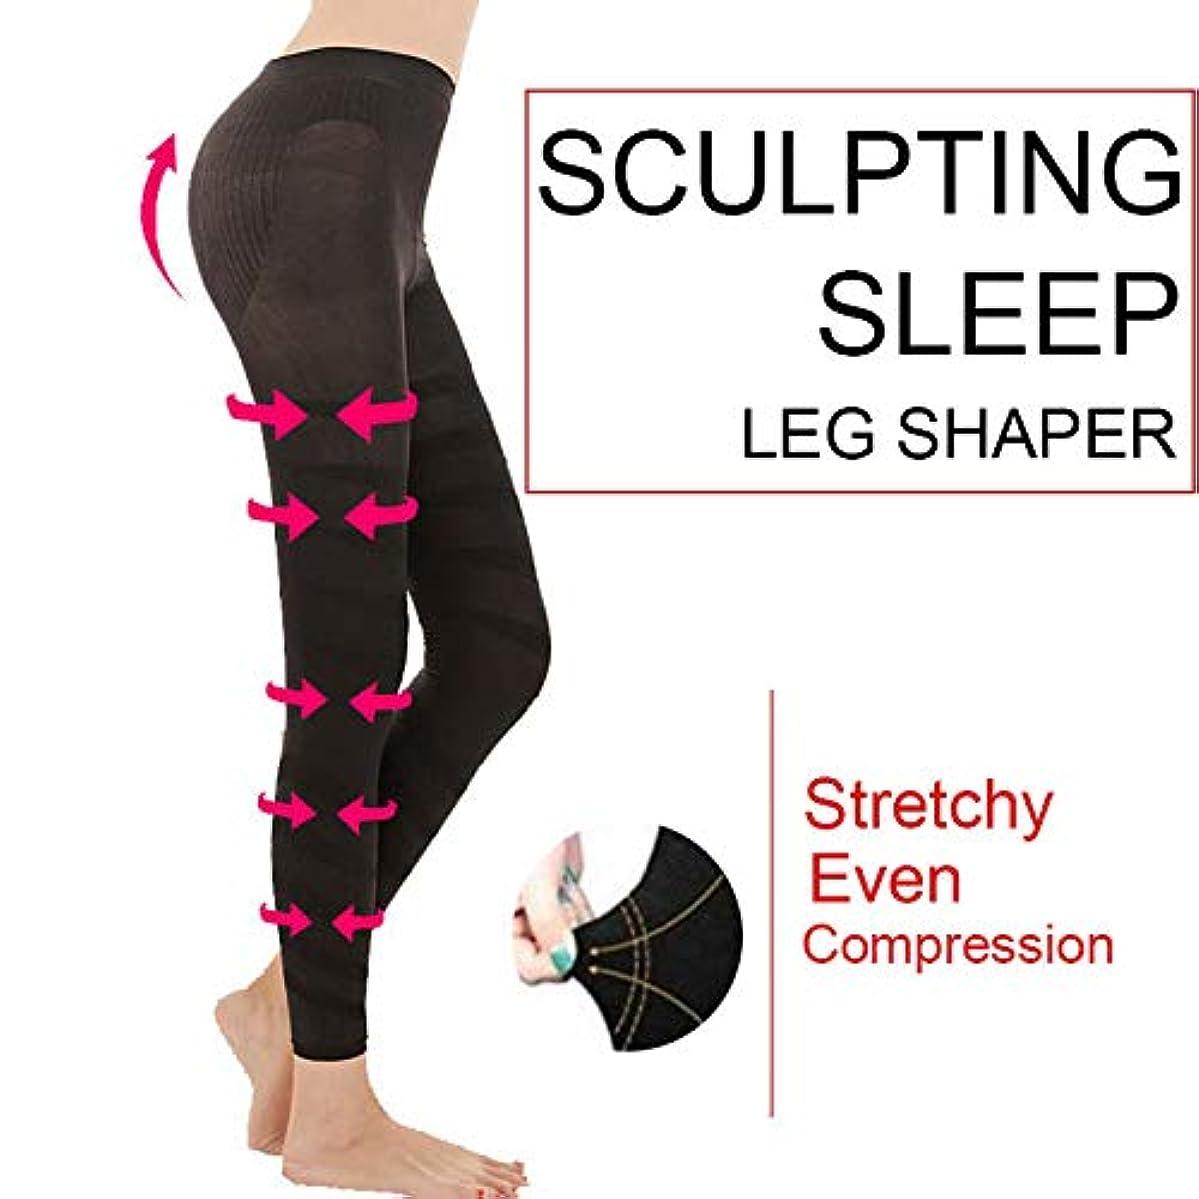 祝福キャリア懐Xlp ボディシェイパー、形スリミングパンツ、女性の睡眠睡眠脚シェイパーレギンスソックスボディシェイパースリミングパンツ